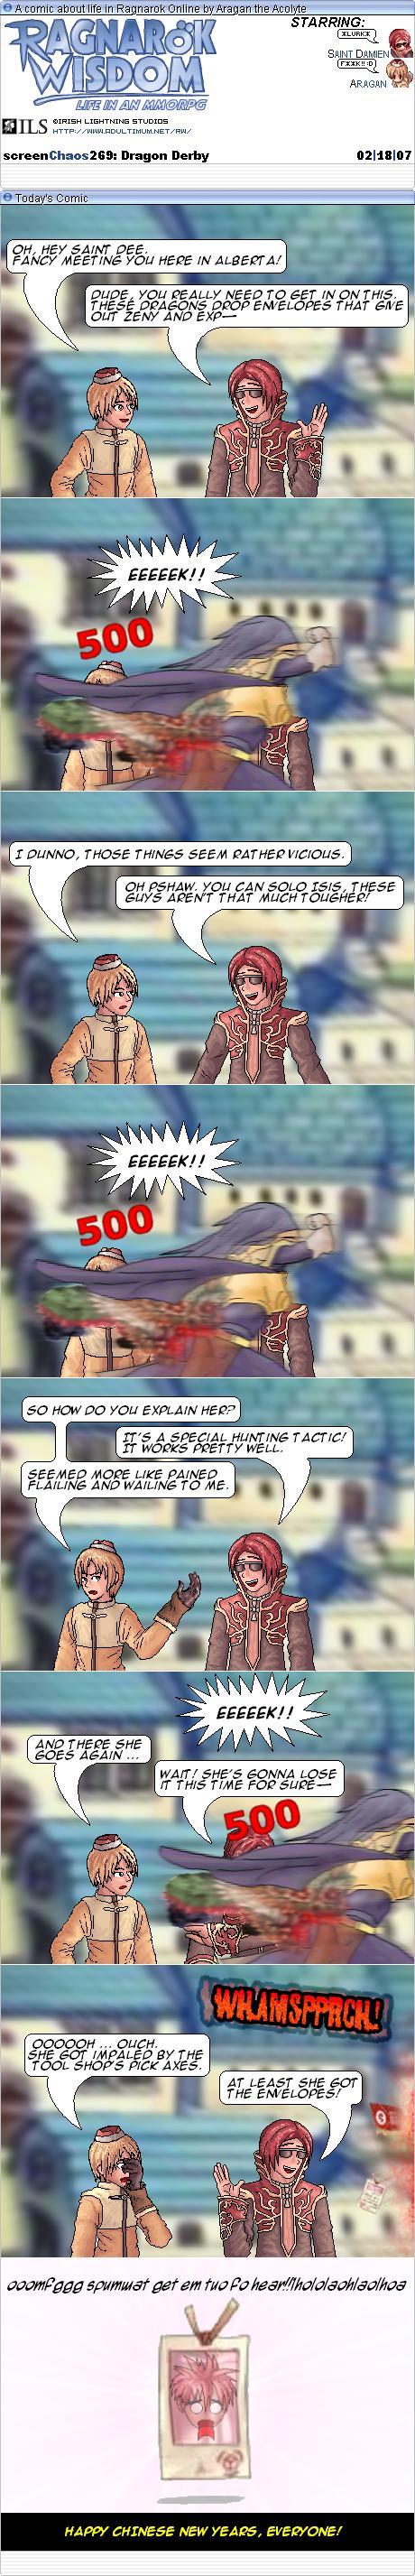 Comic #291